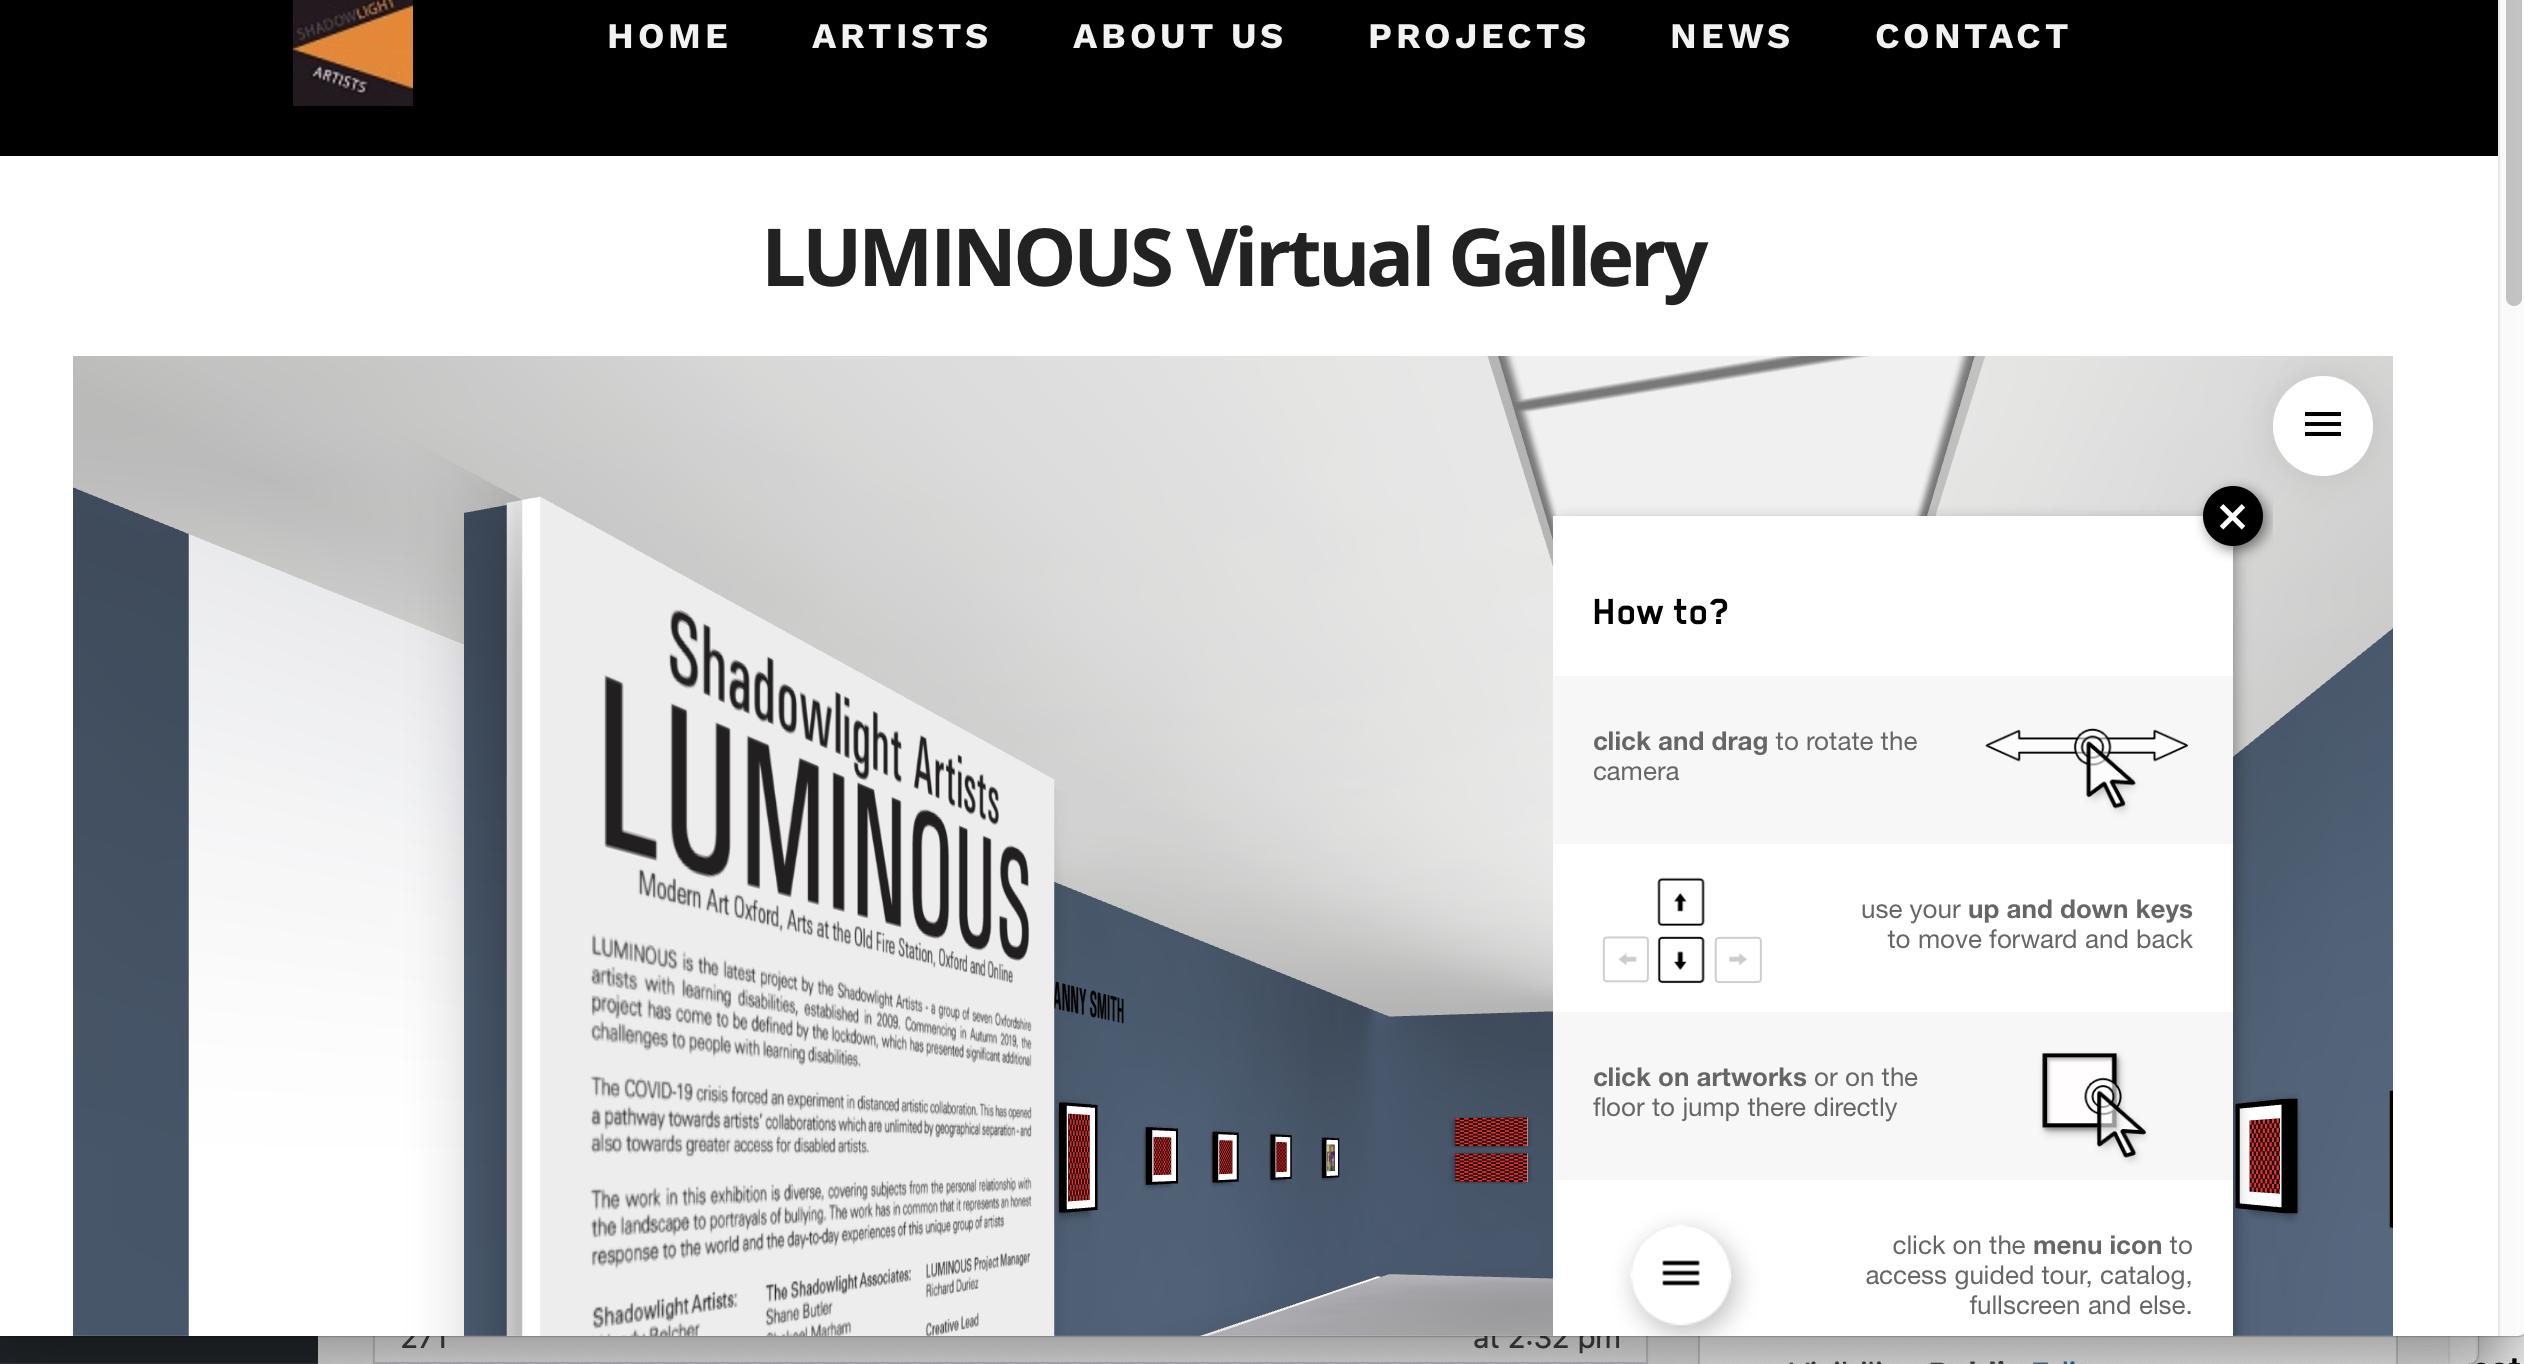 luminousvirtualgallery